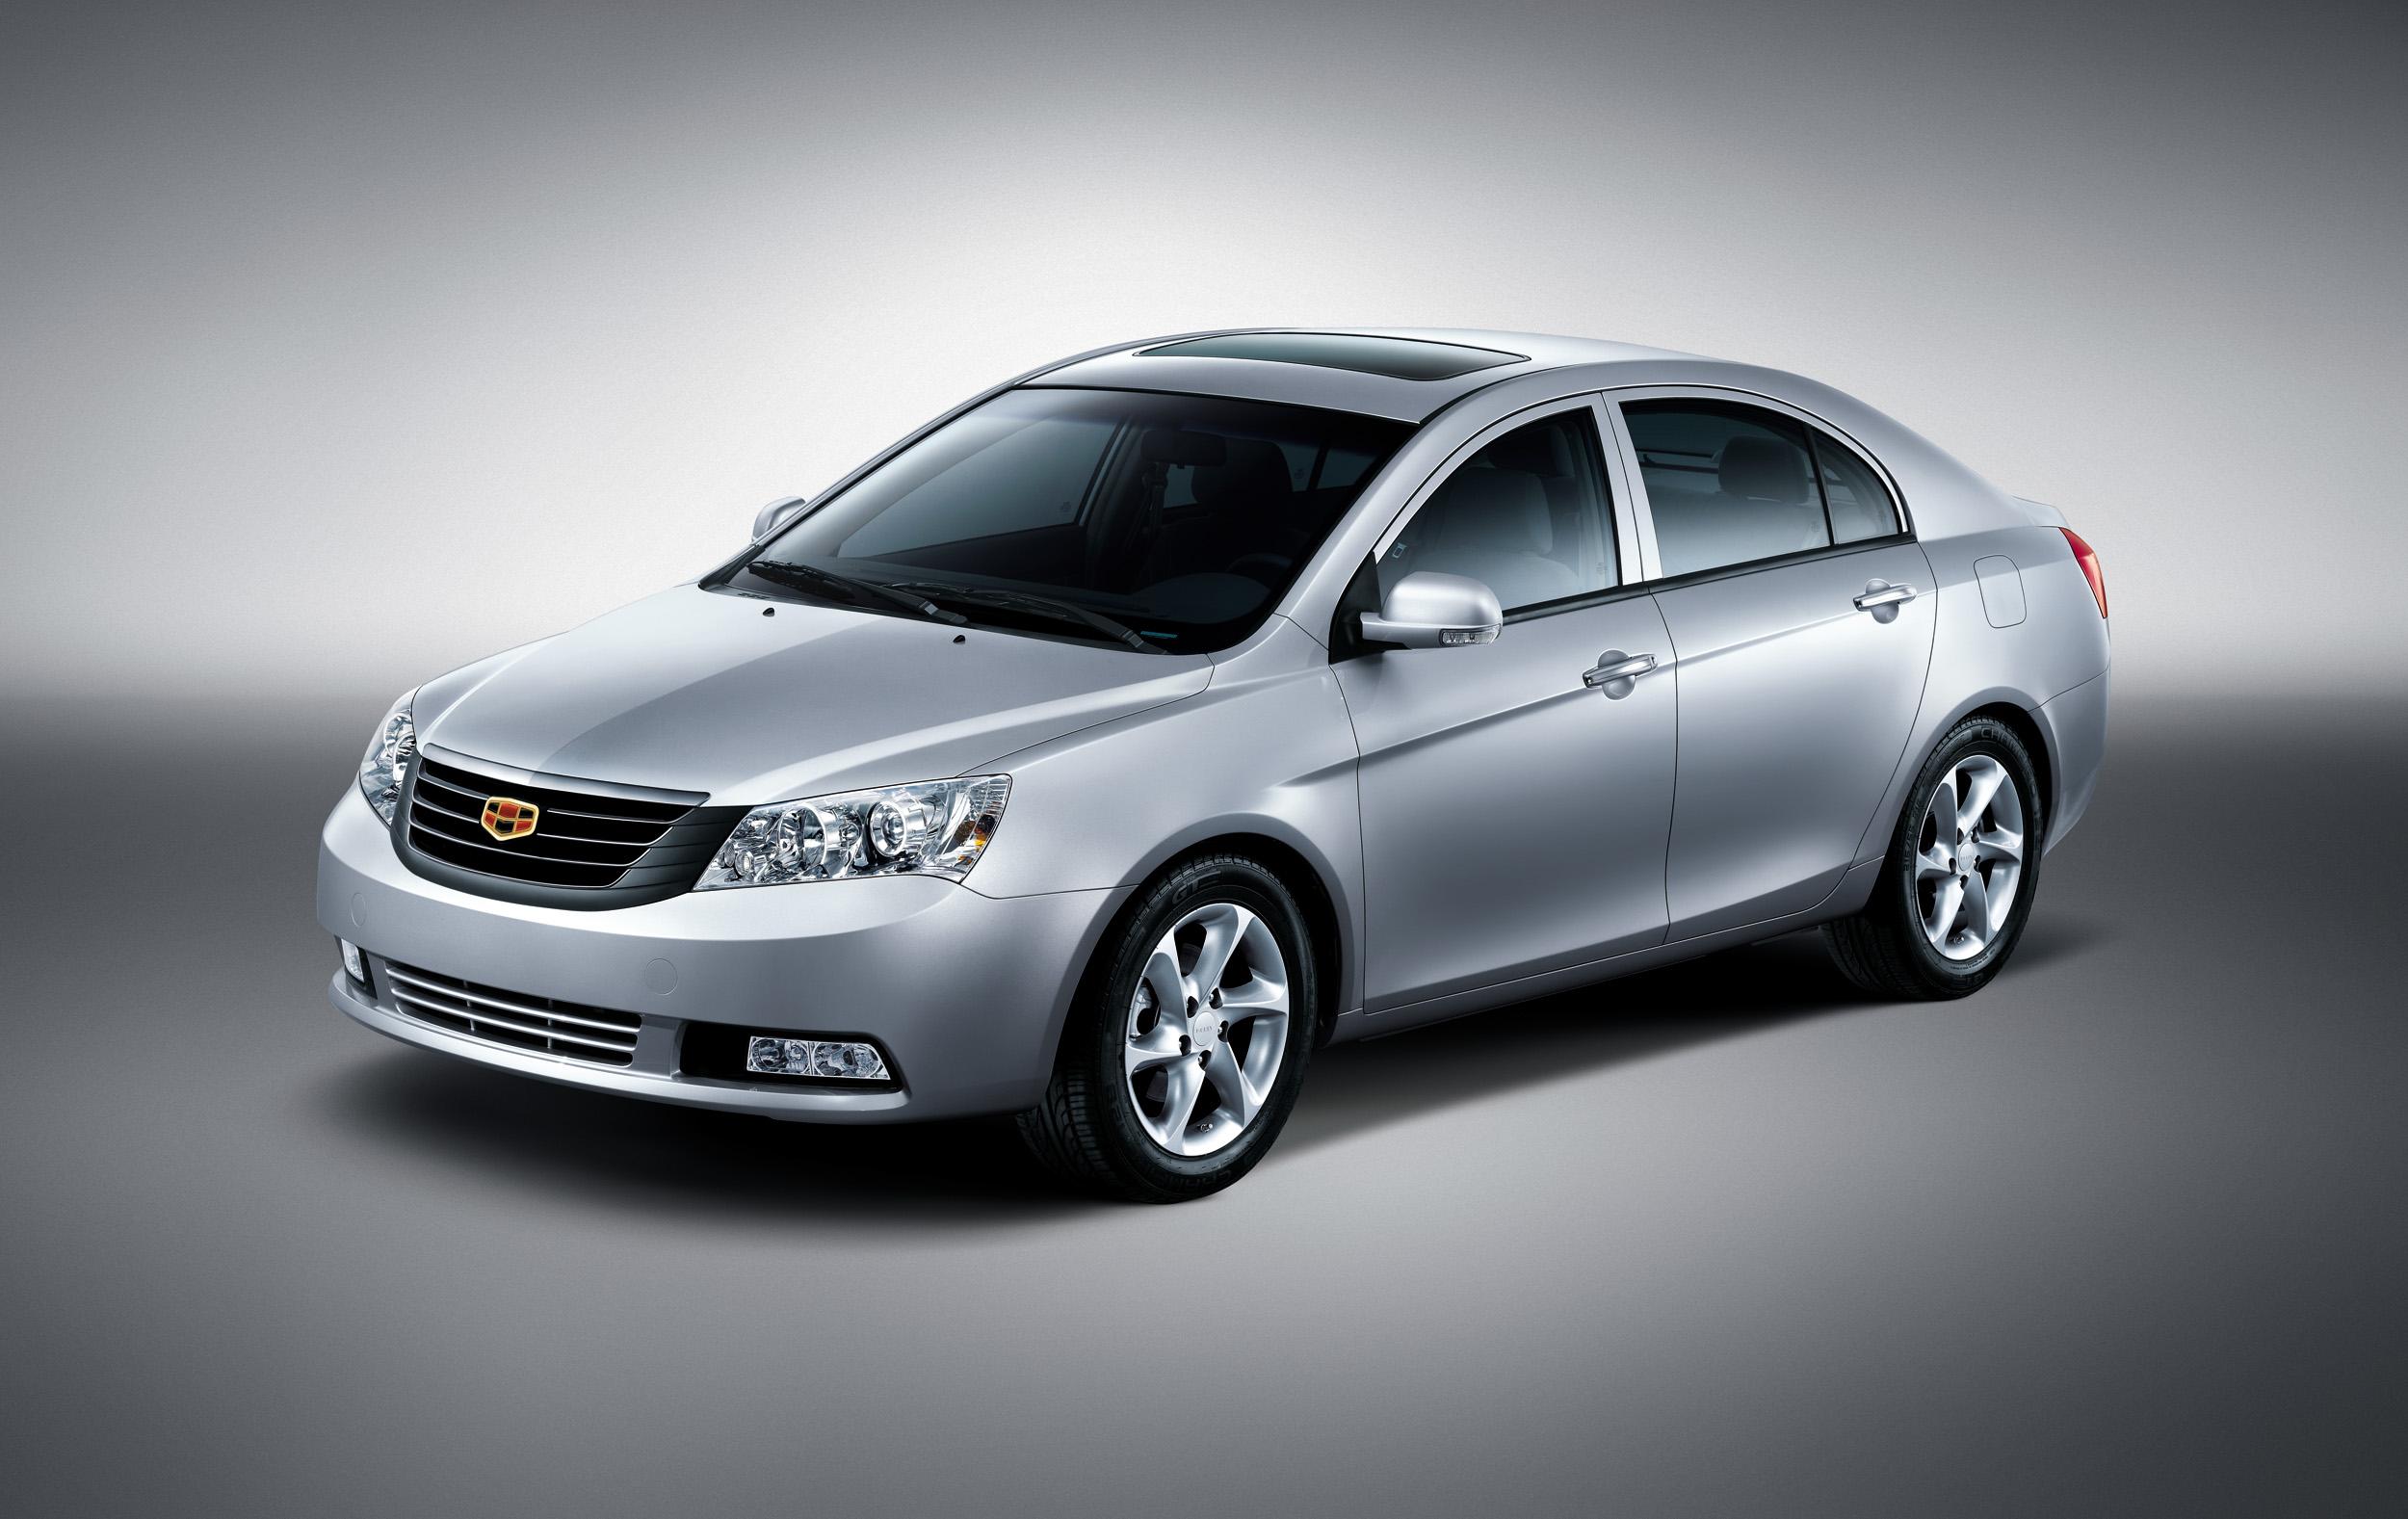 新品牌 吉利帝豪打造中国汽车的新形象 图4_58车